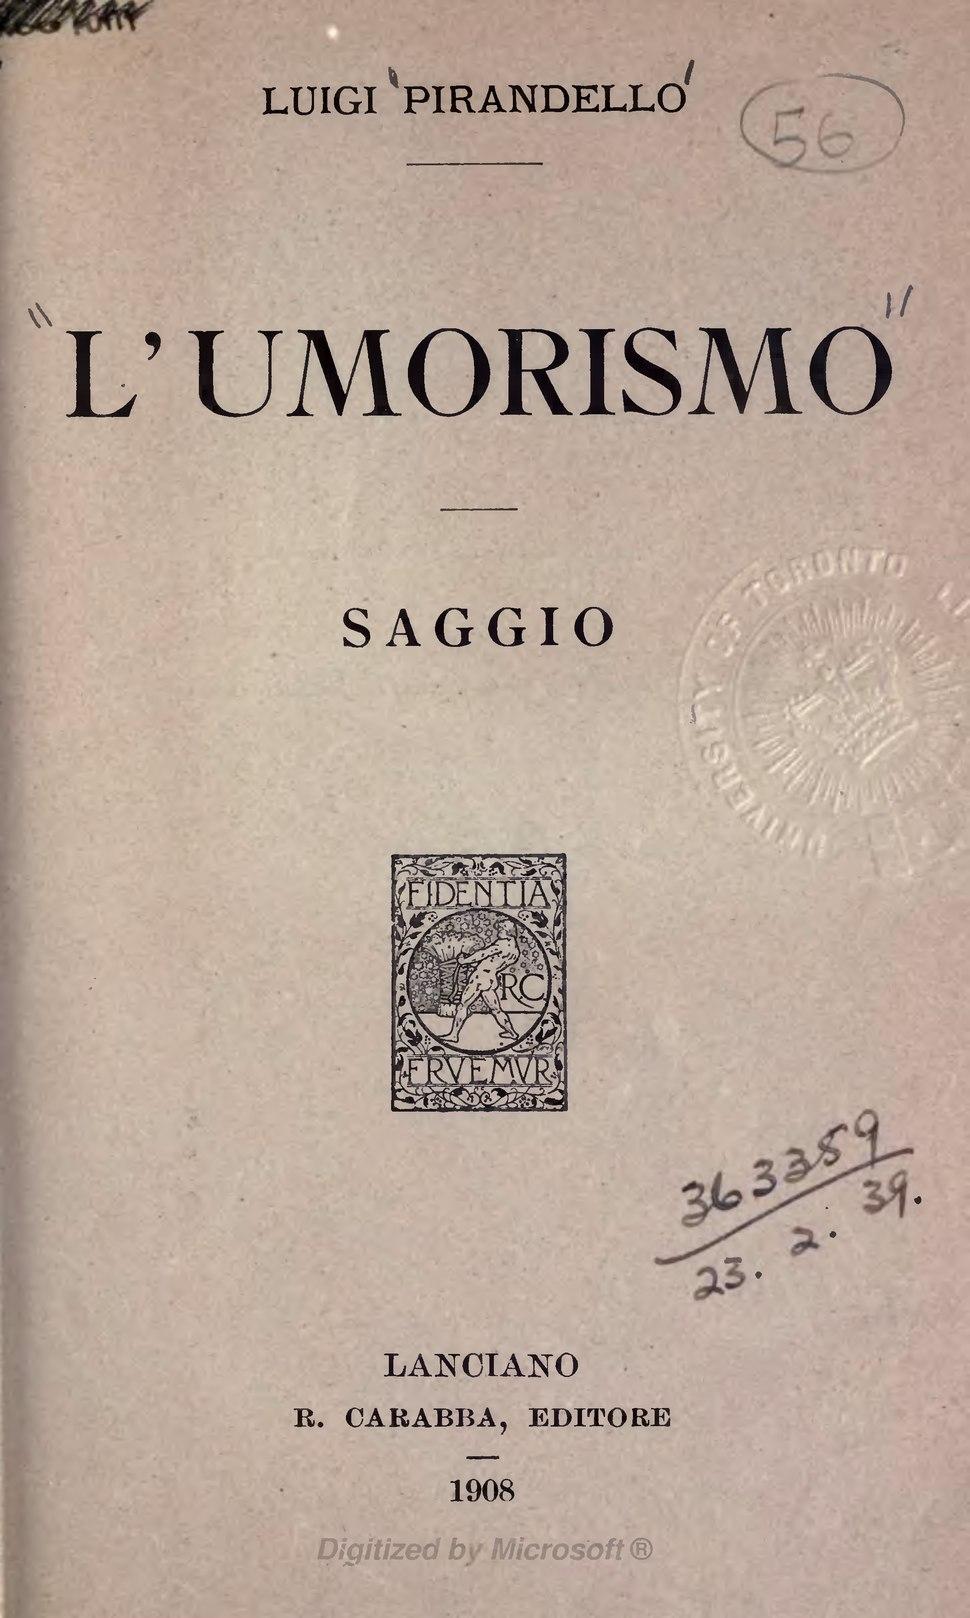 Pirandello - L%27Umorismo, 1908.djvu&page=7